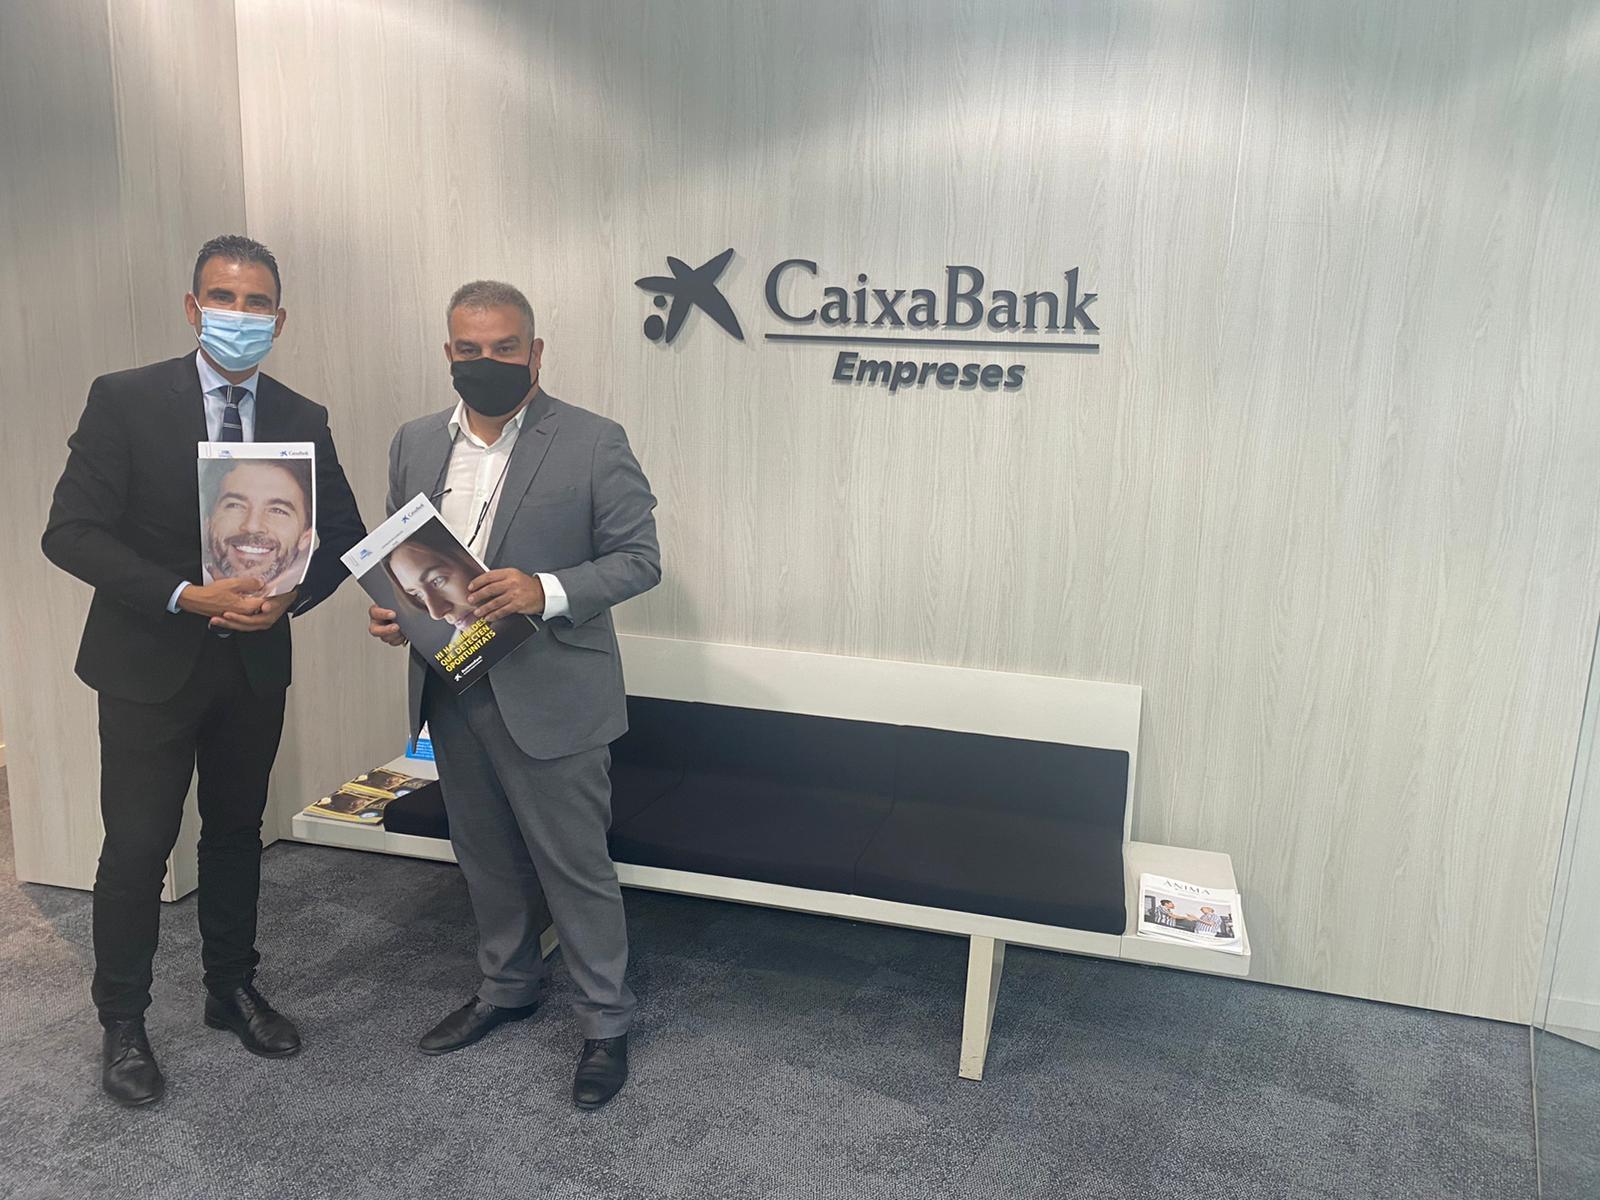 CaixaBank i l'associació Sant Cugat Empresarial reafirmen el seu compromís de col·laboració